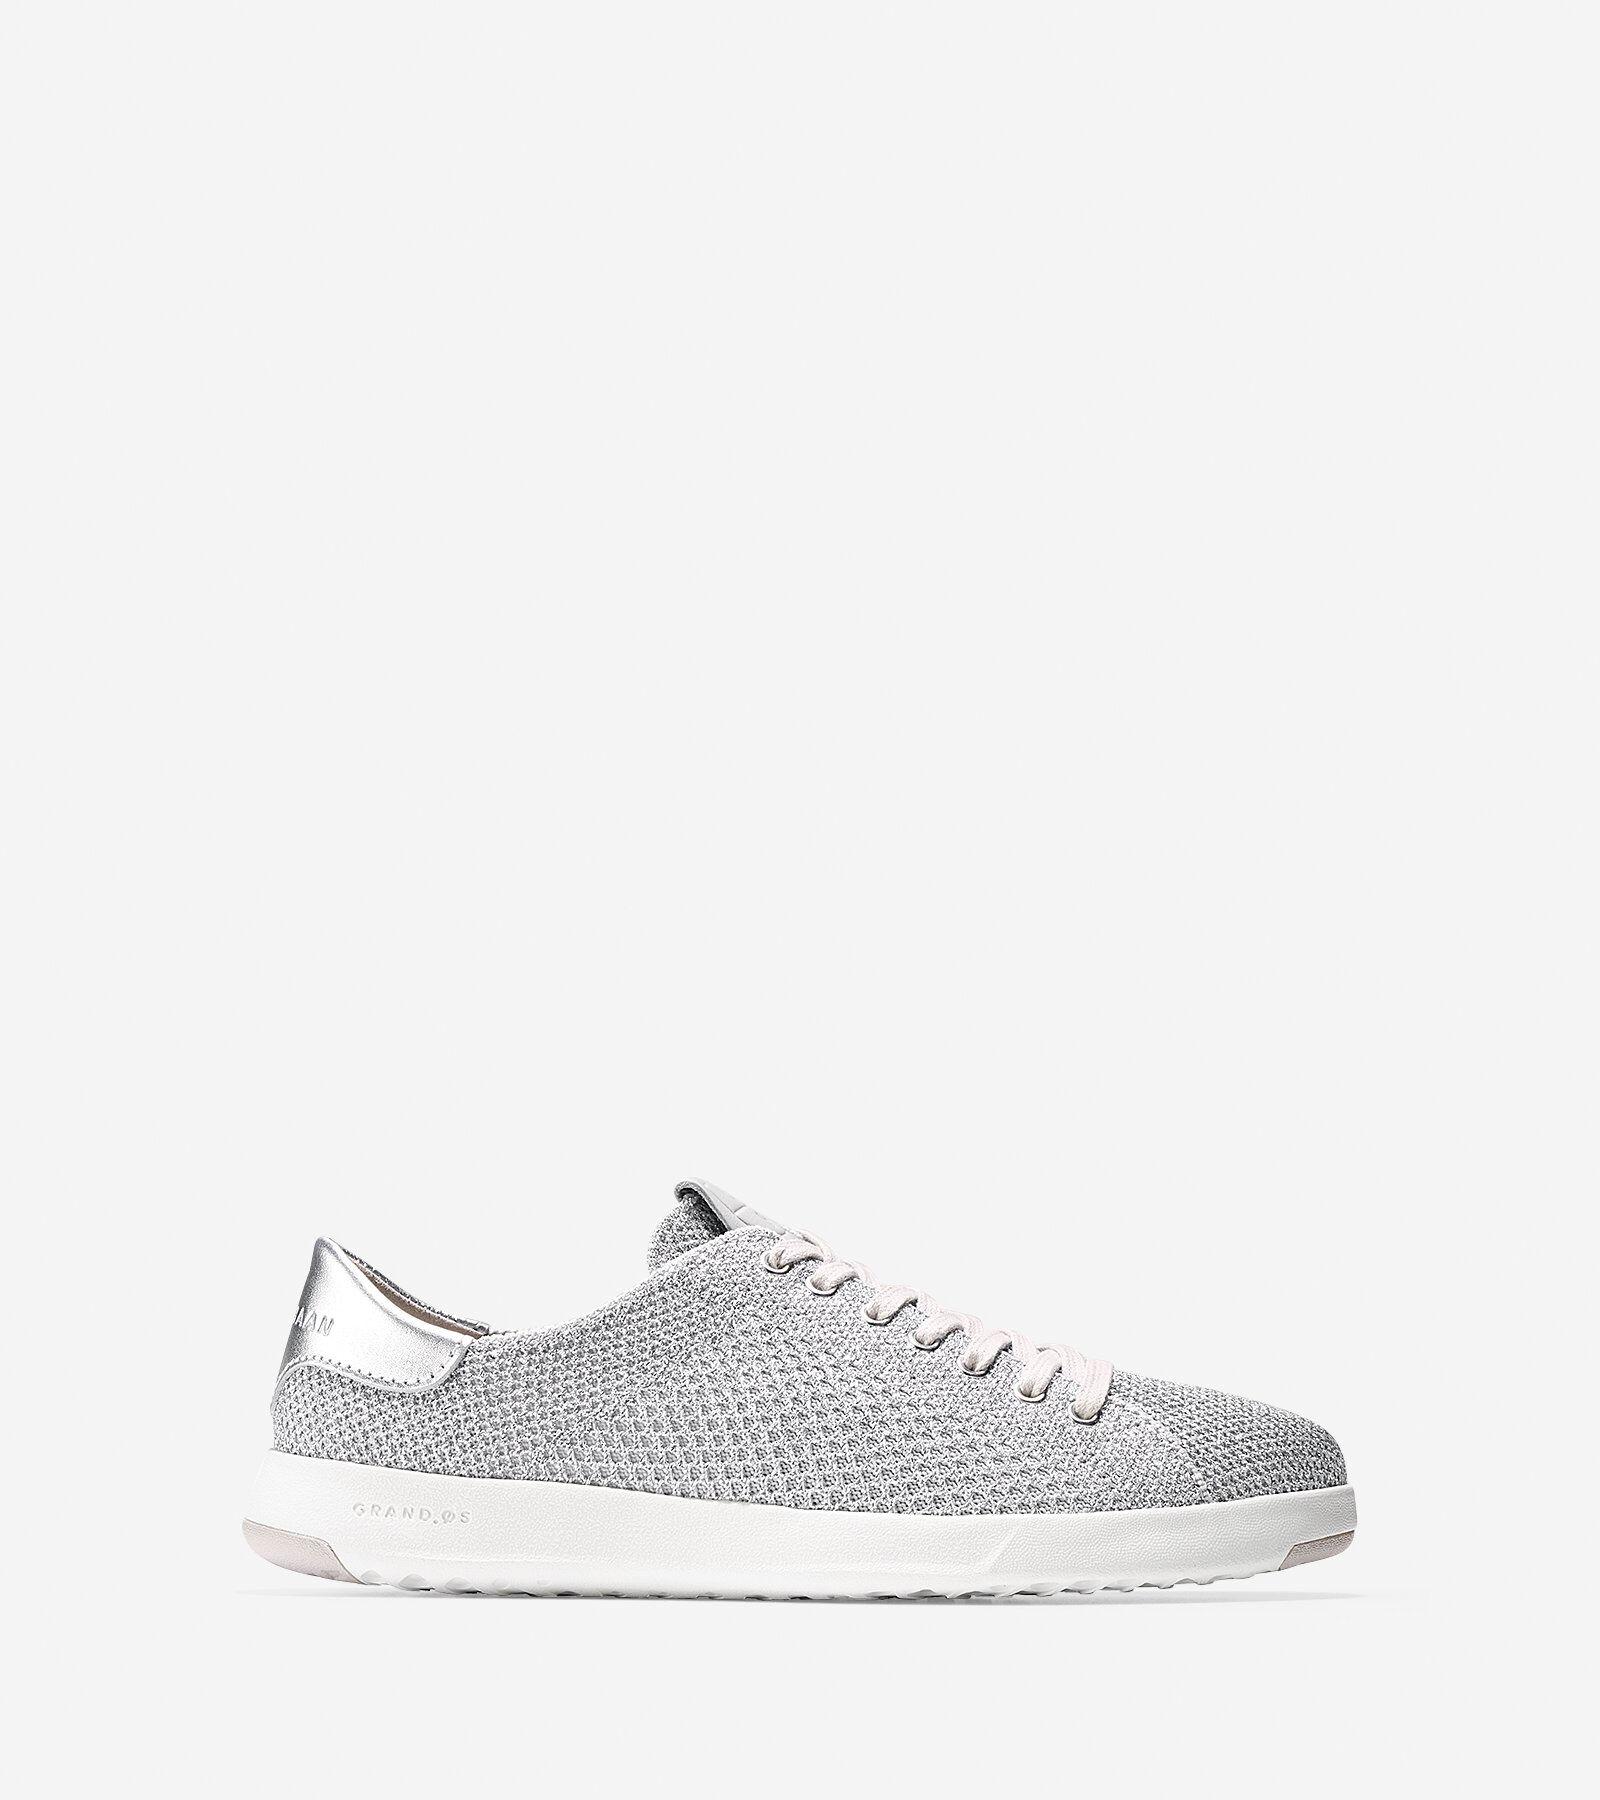 Cole Haan Women's Grandpro Deck Sneaker Zdz7rxEY